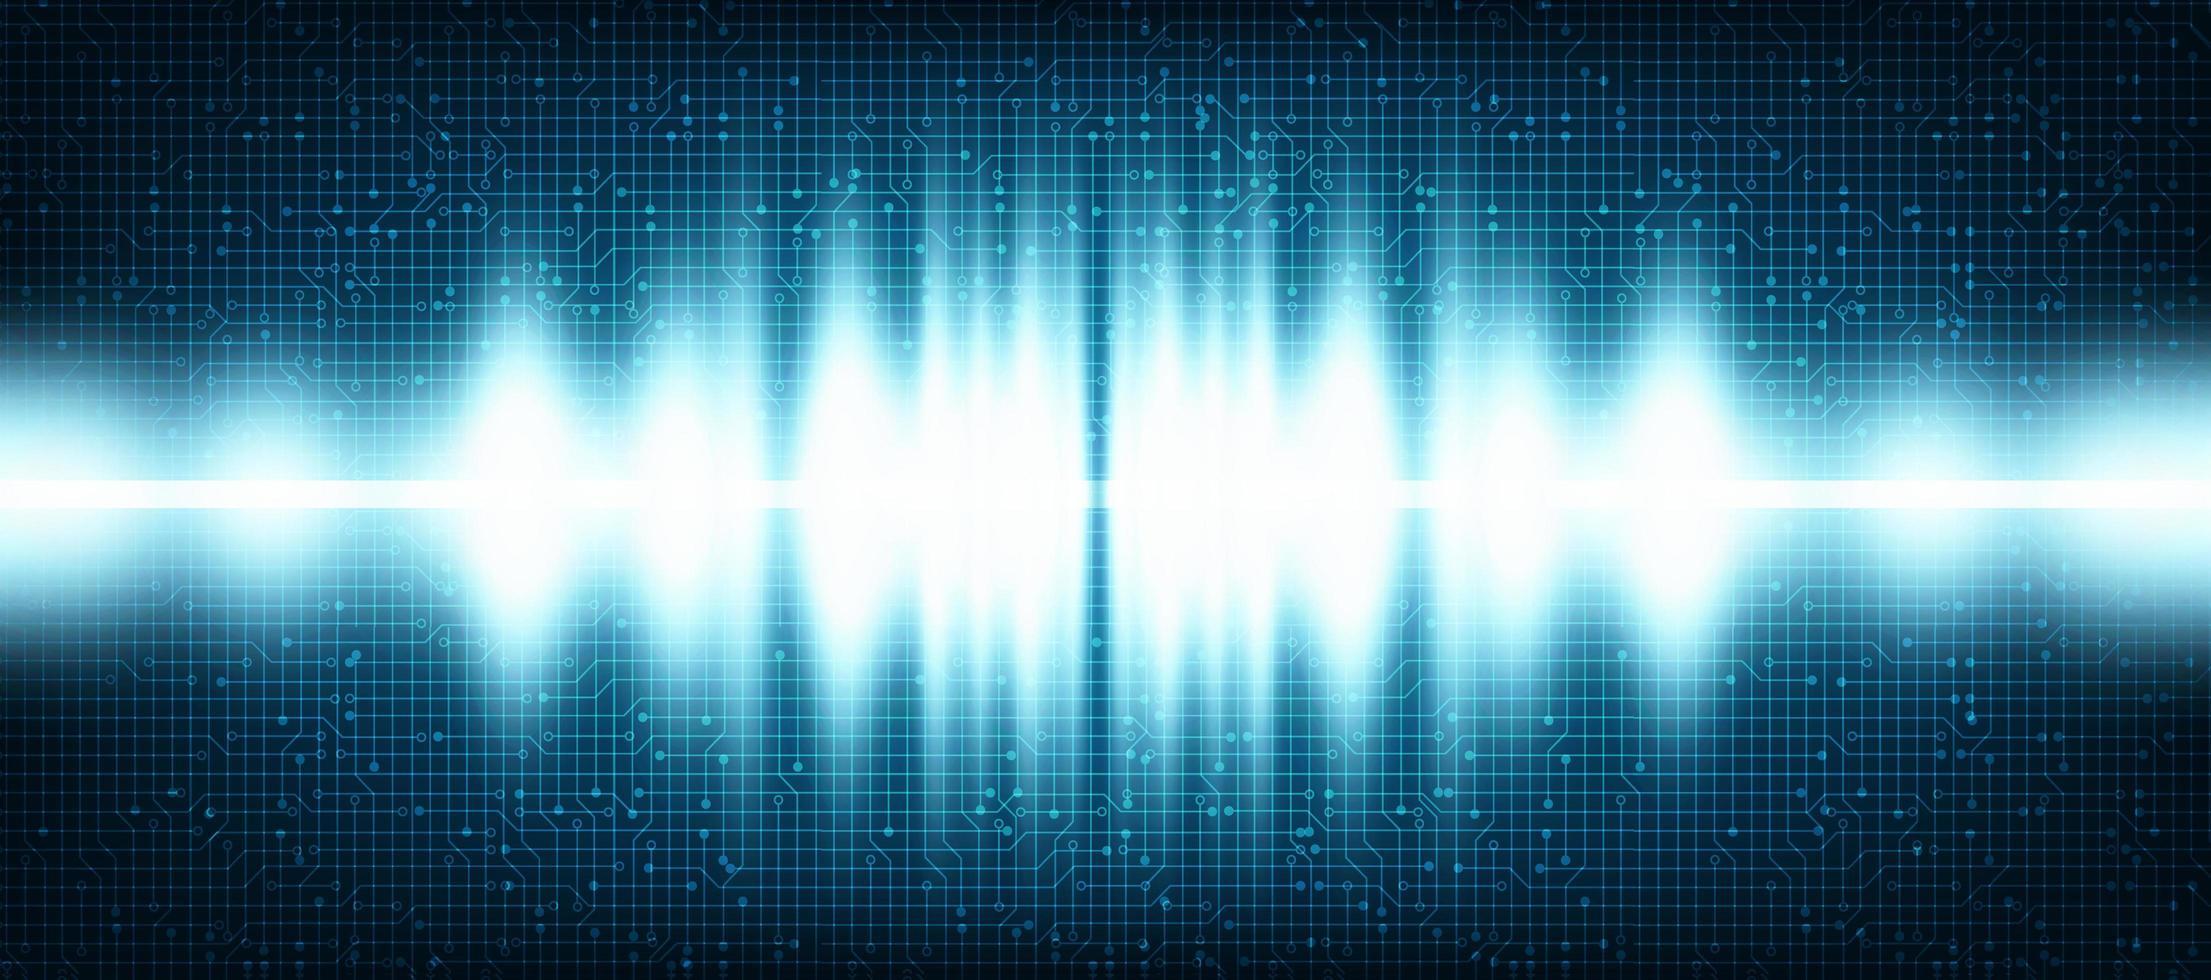 Ljus Digital ljudvåg på teknologibakgrund. vektor